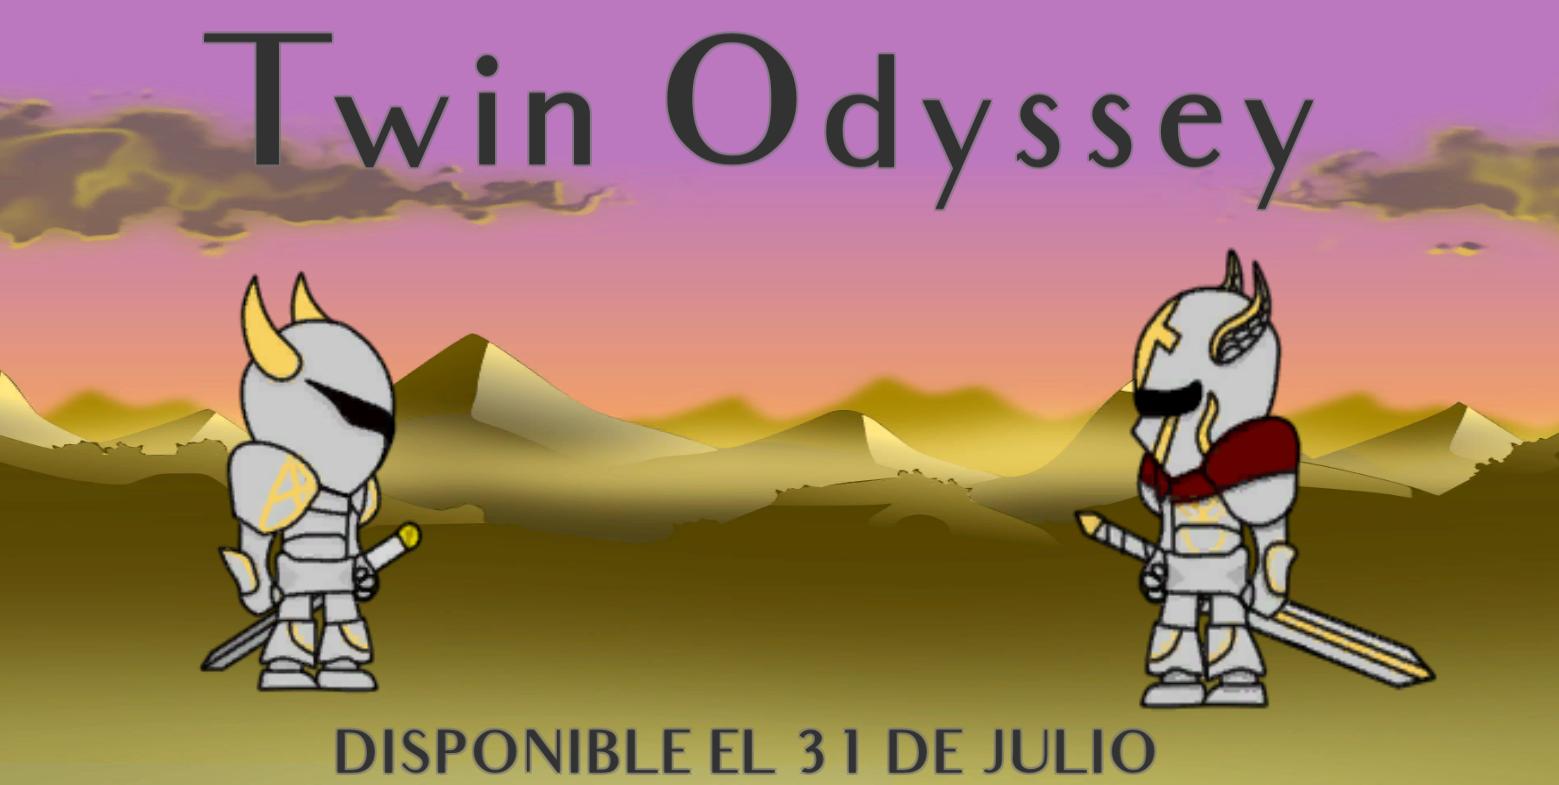 Twin Odyssey